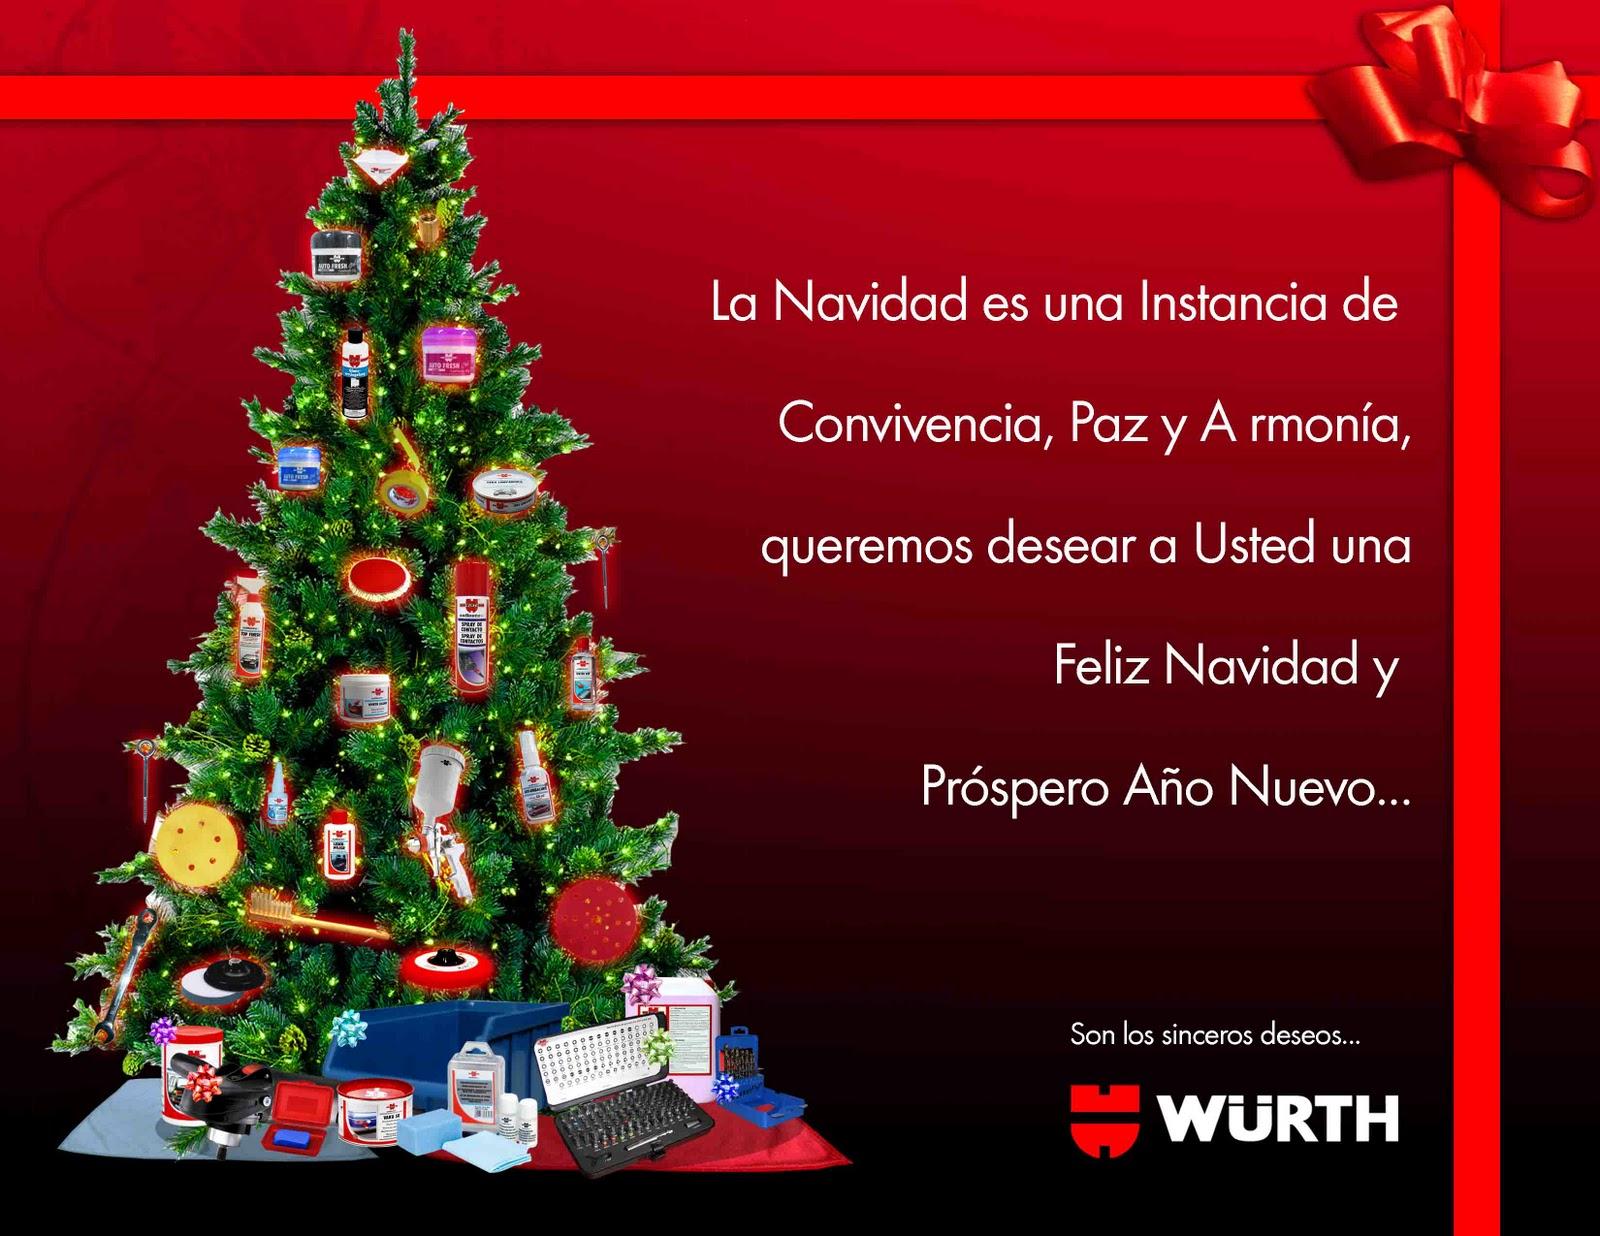 Saludos de navidad con imagenes para facebook auto - Saludos de navidad ...